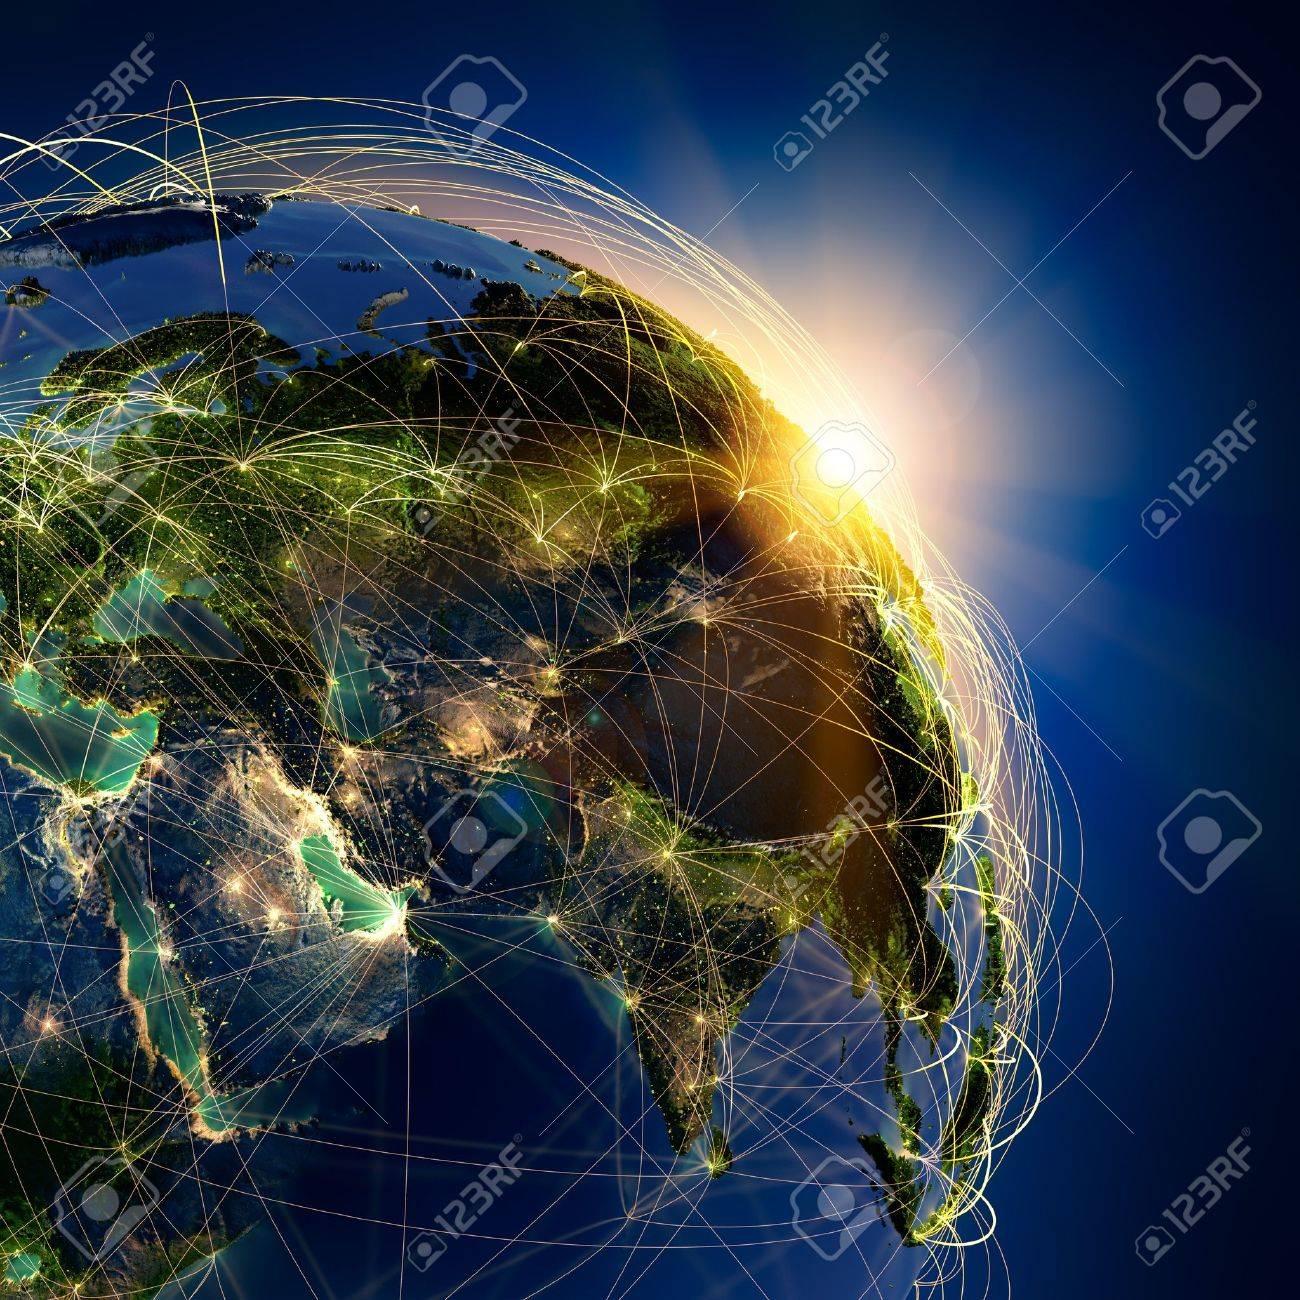 Sehr Detaillierte Planeten Erde Bei Nacht Beleuchtet Durch Die